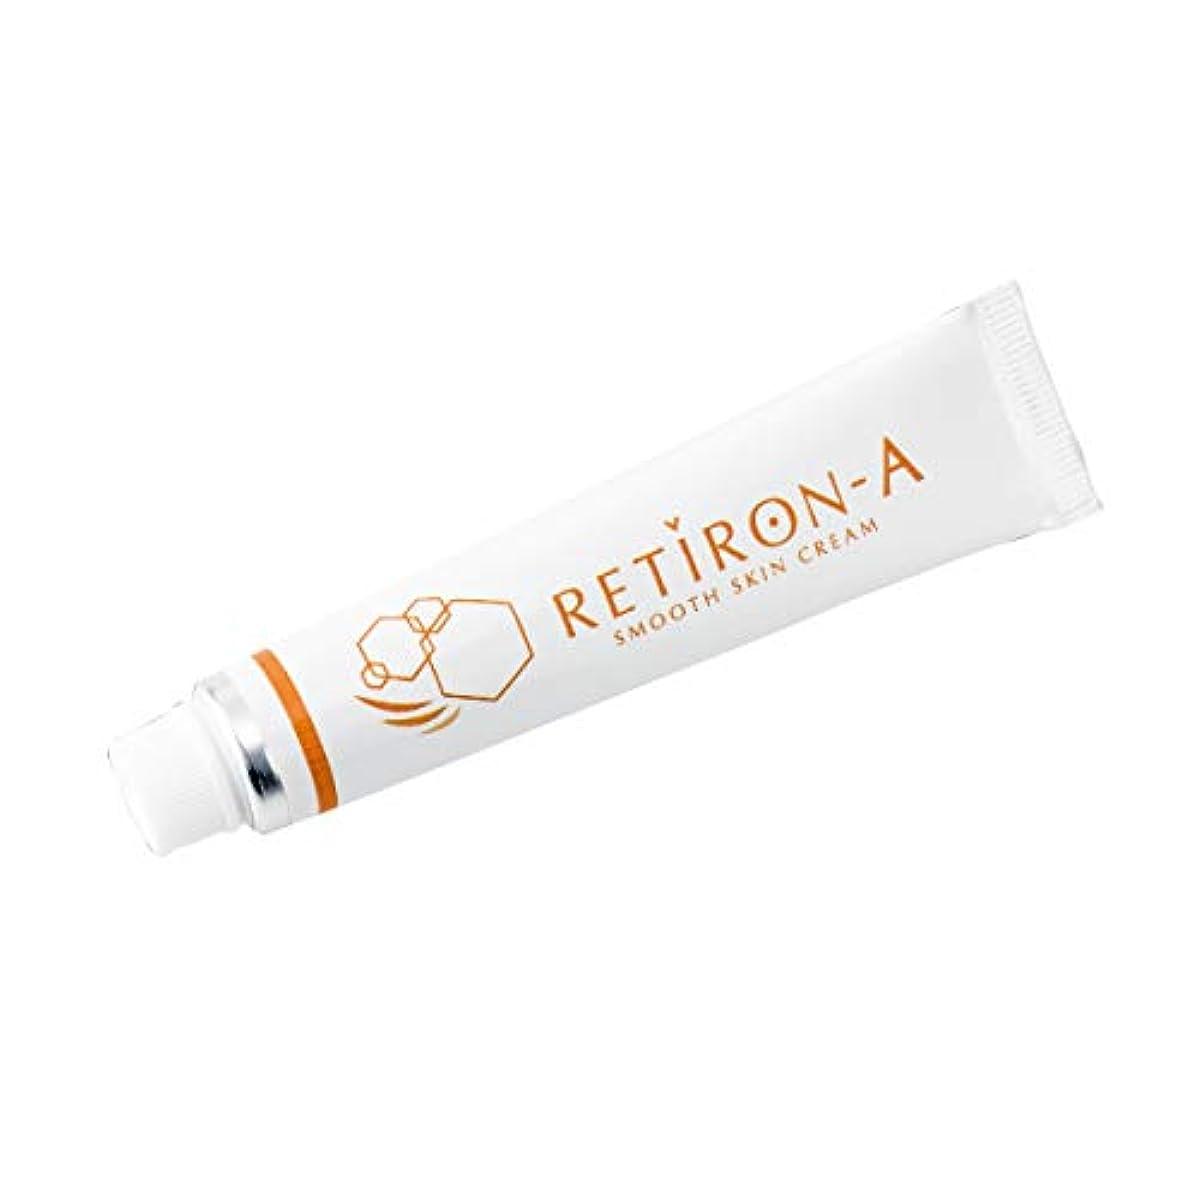 世界安西役に立つクリーム 化粧品 レチノール配合 レチロンA パラベンフリー